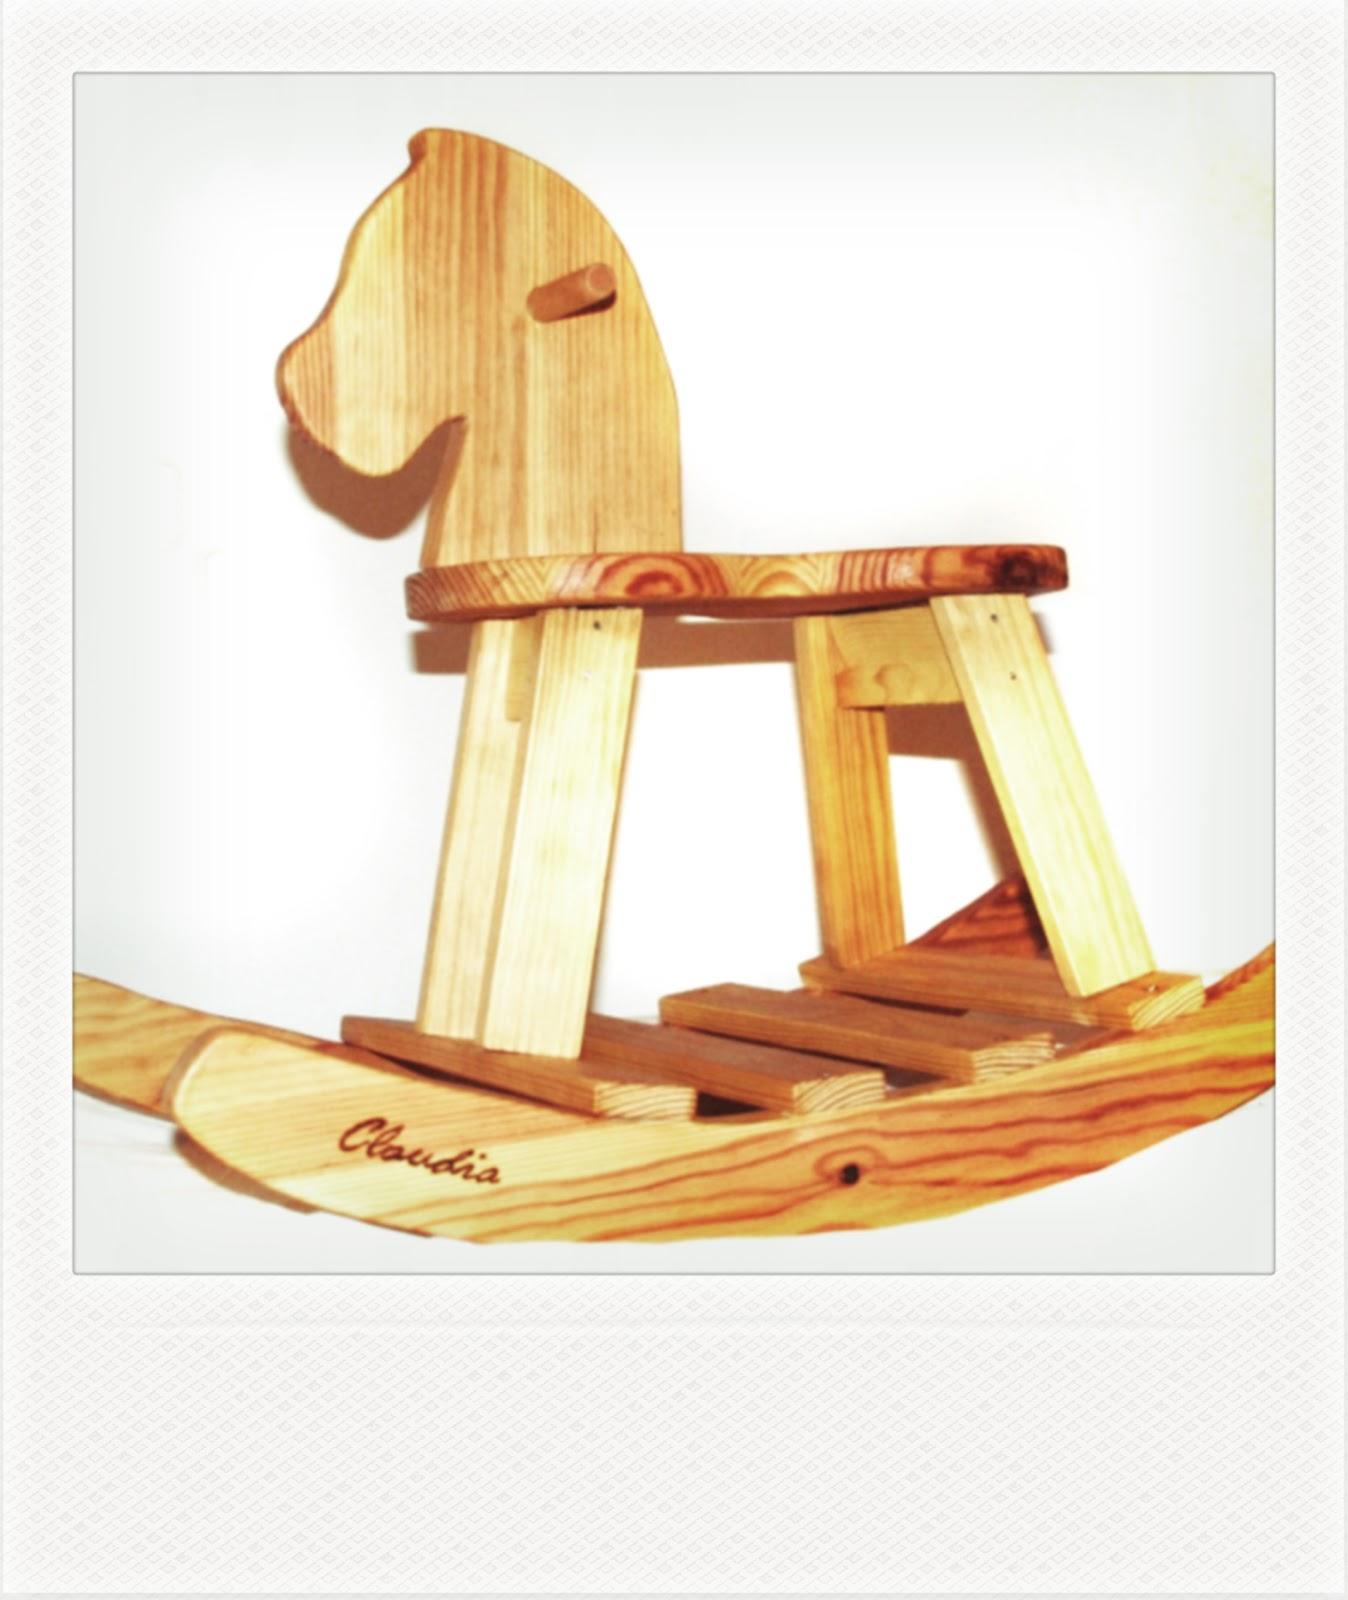 Marengo peques caballito de madera for Cosas hechas de madera